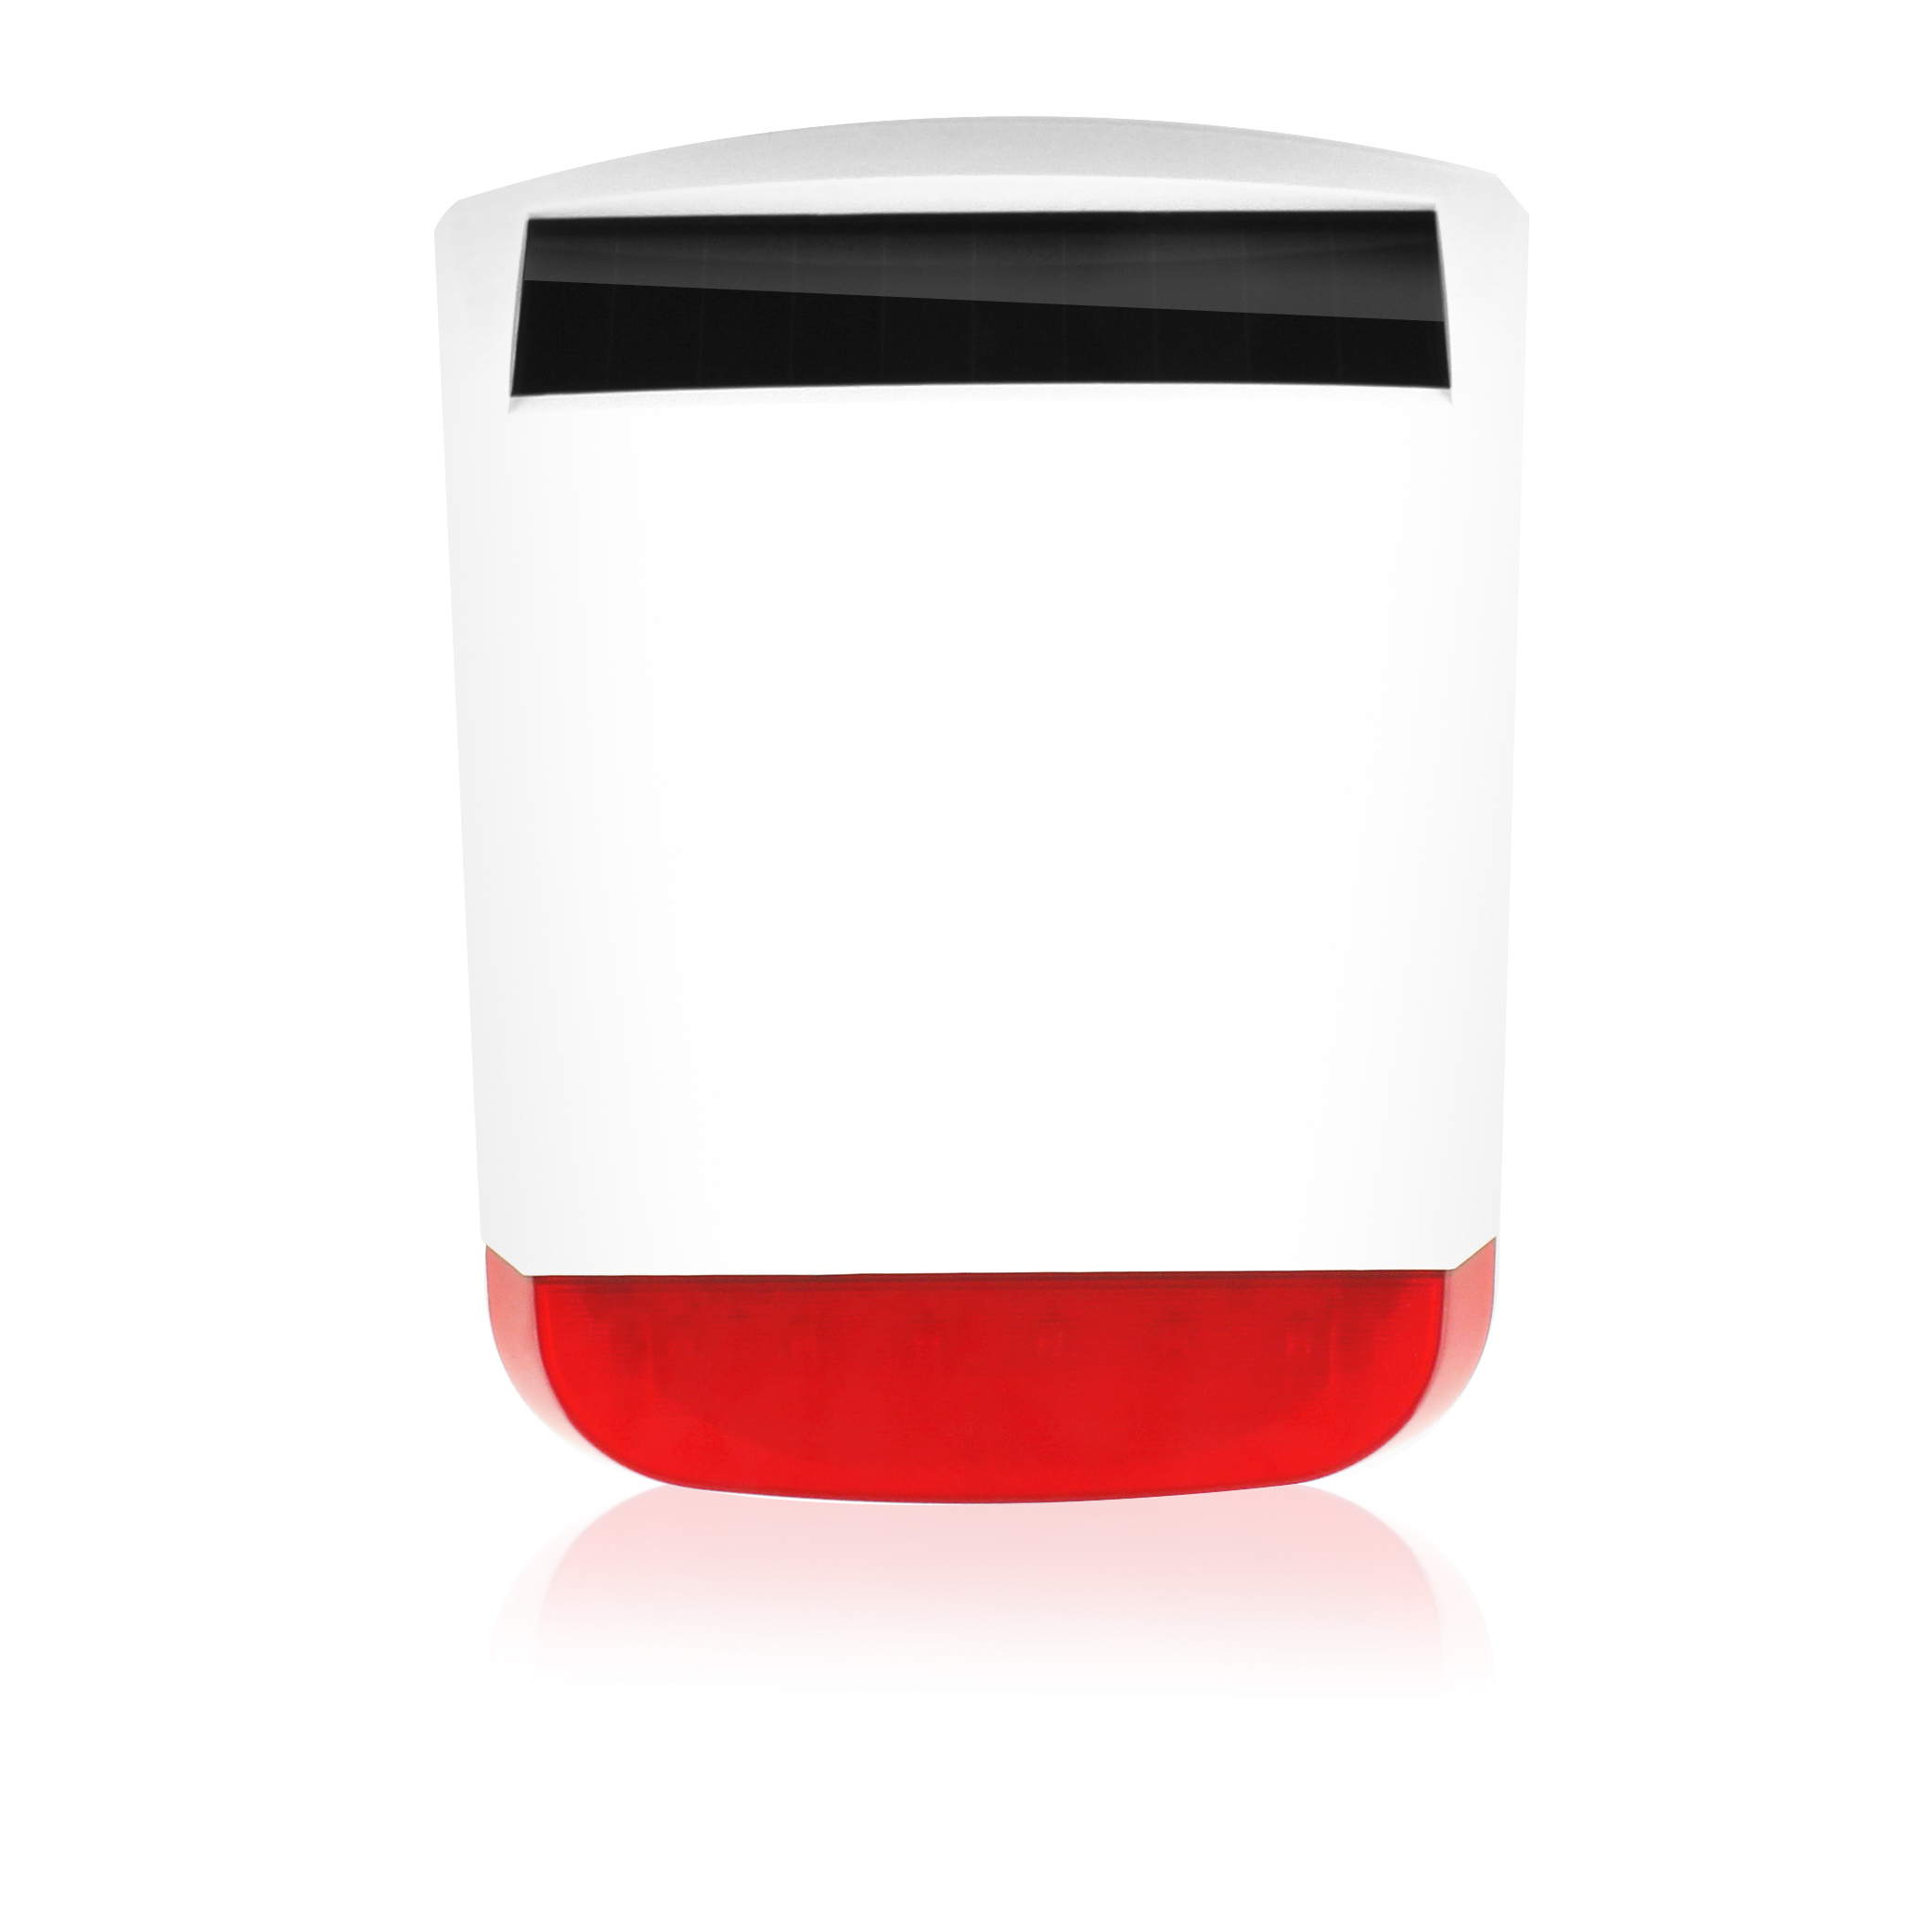 Eminent EM8670 Wireless siren Schwarz - Rot - Weiß Sirene